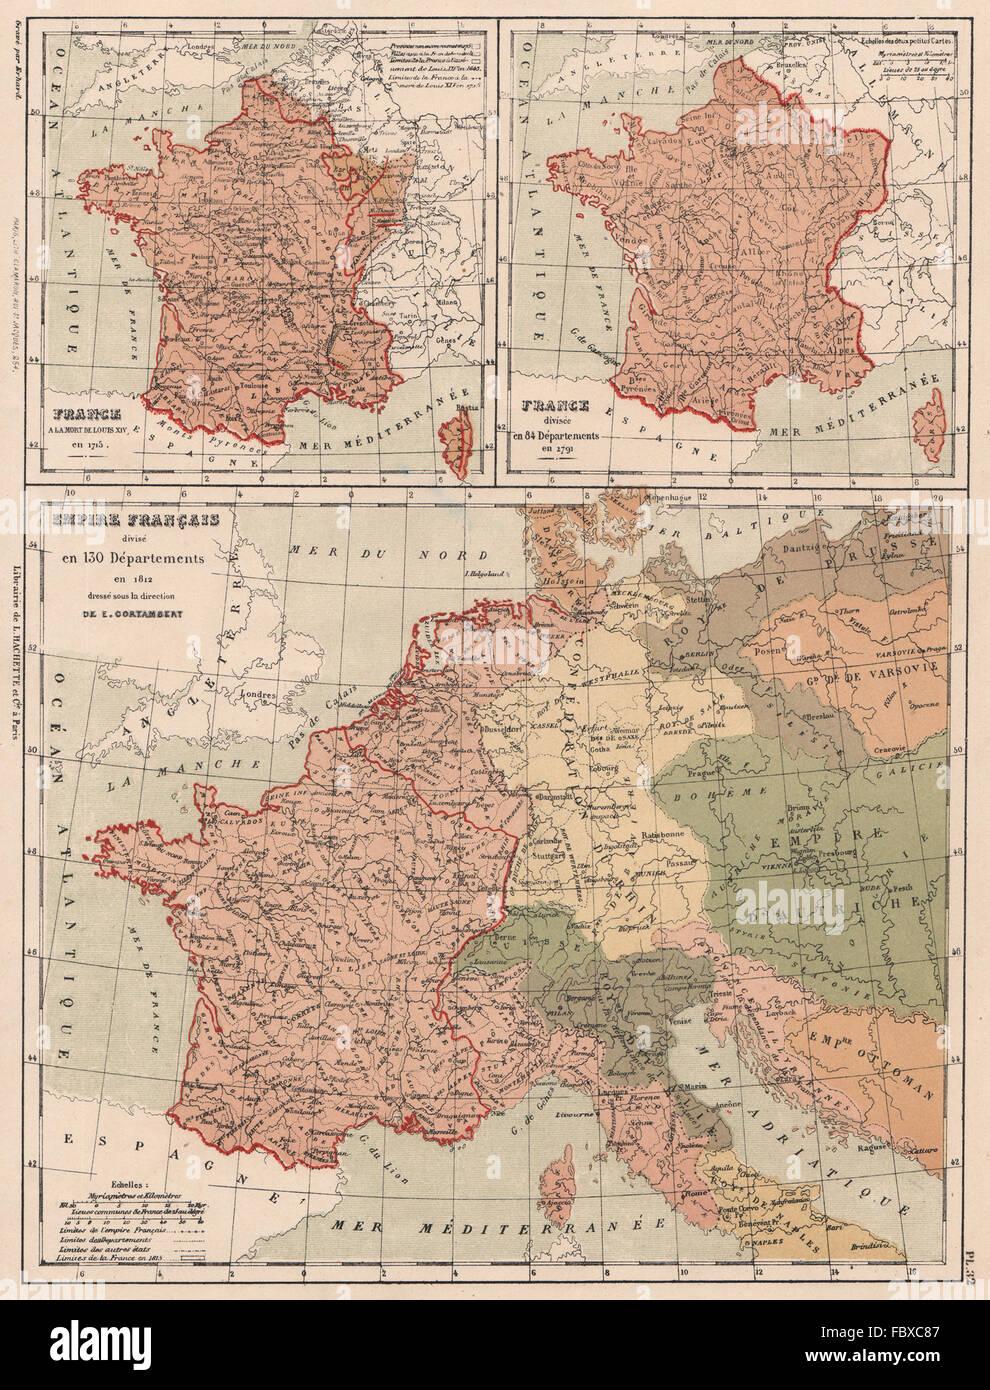 Frankreich Departements Karte.Frankreich Im Jahre 1715 In 84 Abteilungen Im Jahr 1791 In 130